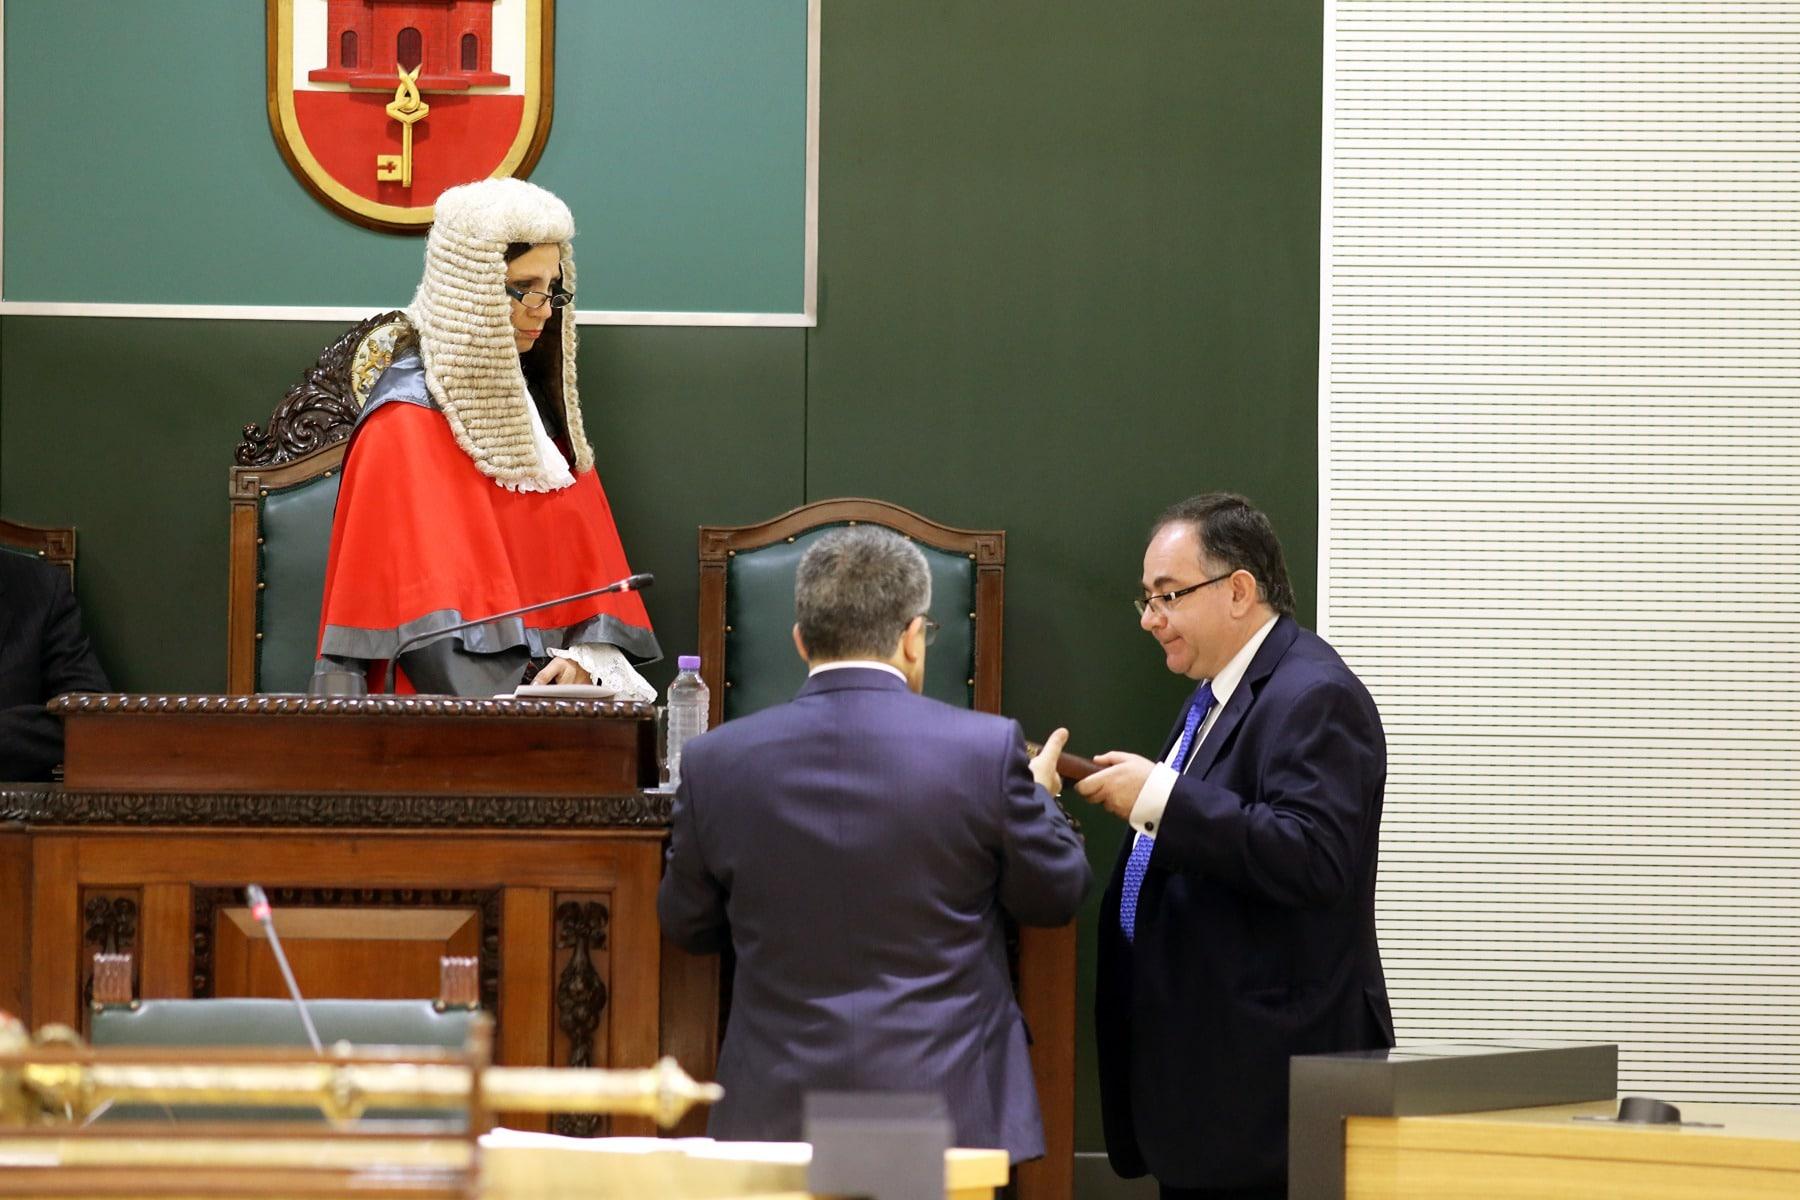 9-de-diciembre-de-2015-ceremonia-inaugural-del-nuevo-parlamento-de-gibraltar_23634178545_o